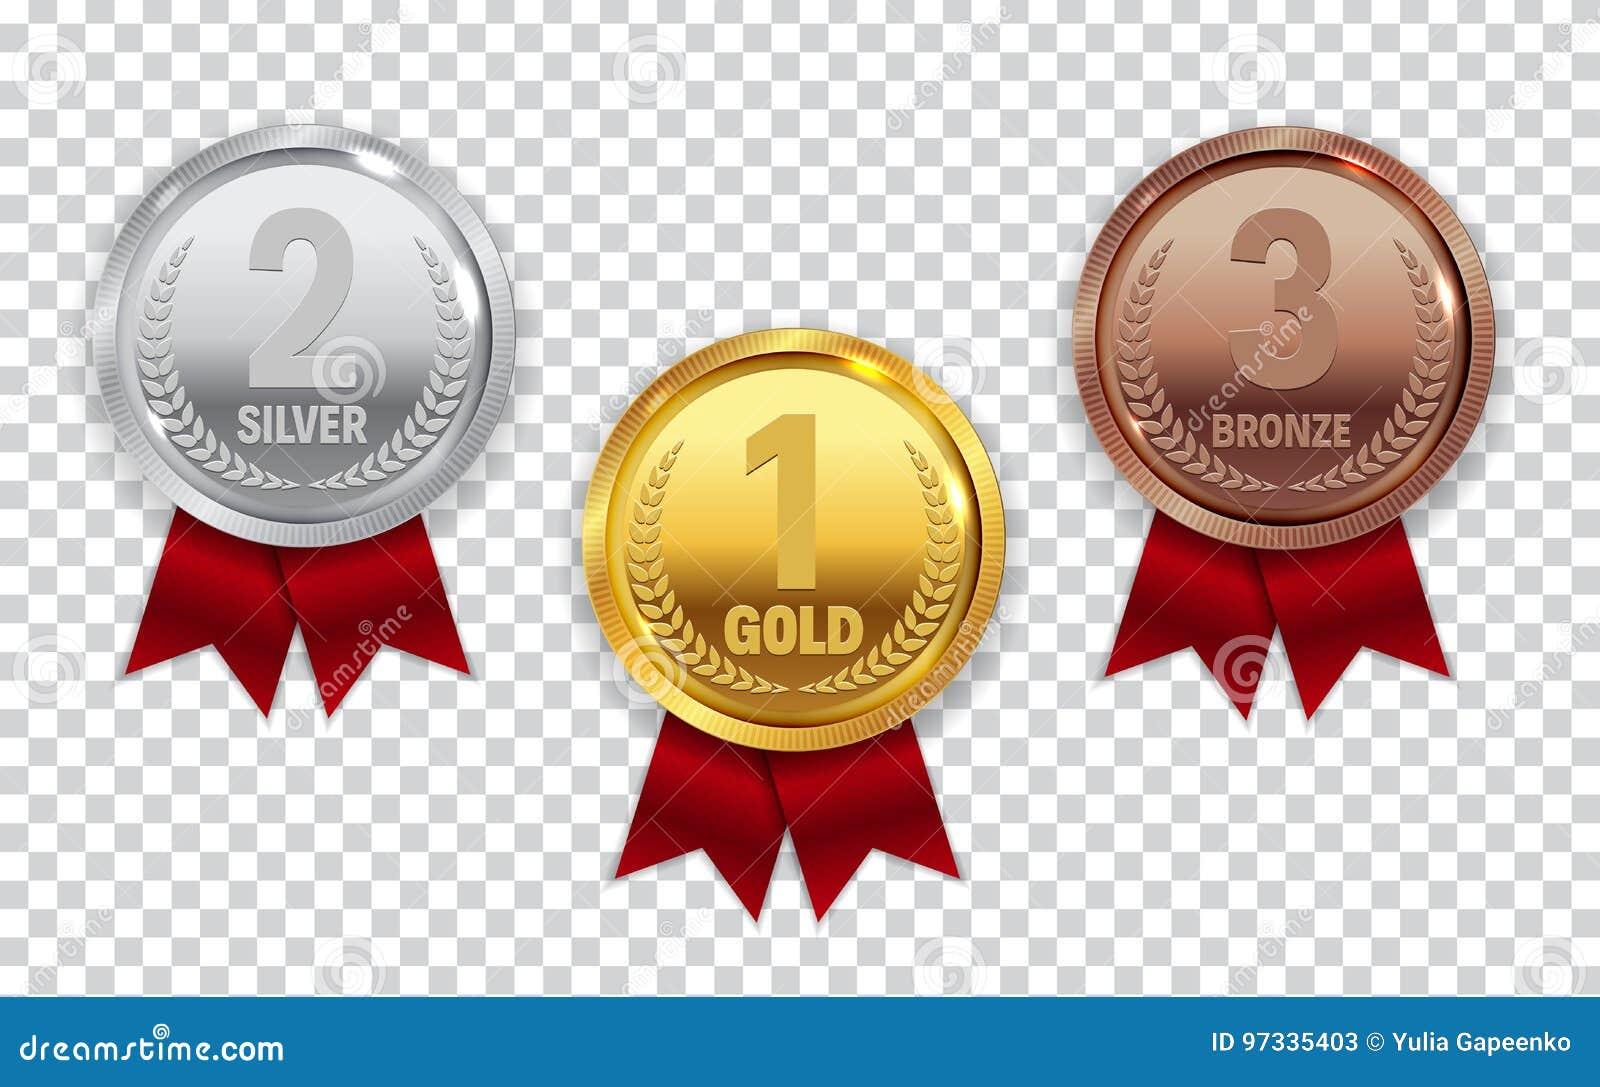 Mästareguld, silver och bronsmedalj med det röda bandsymbolstecknet